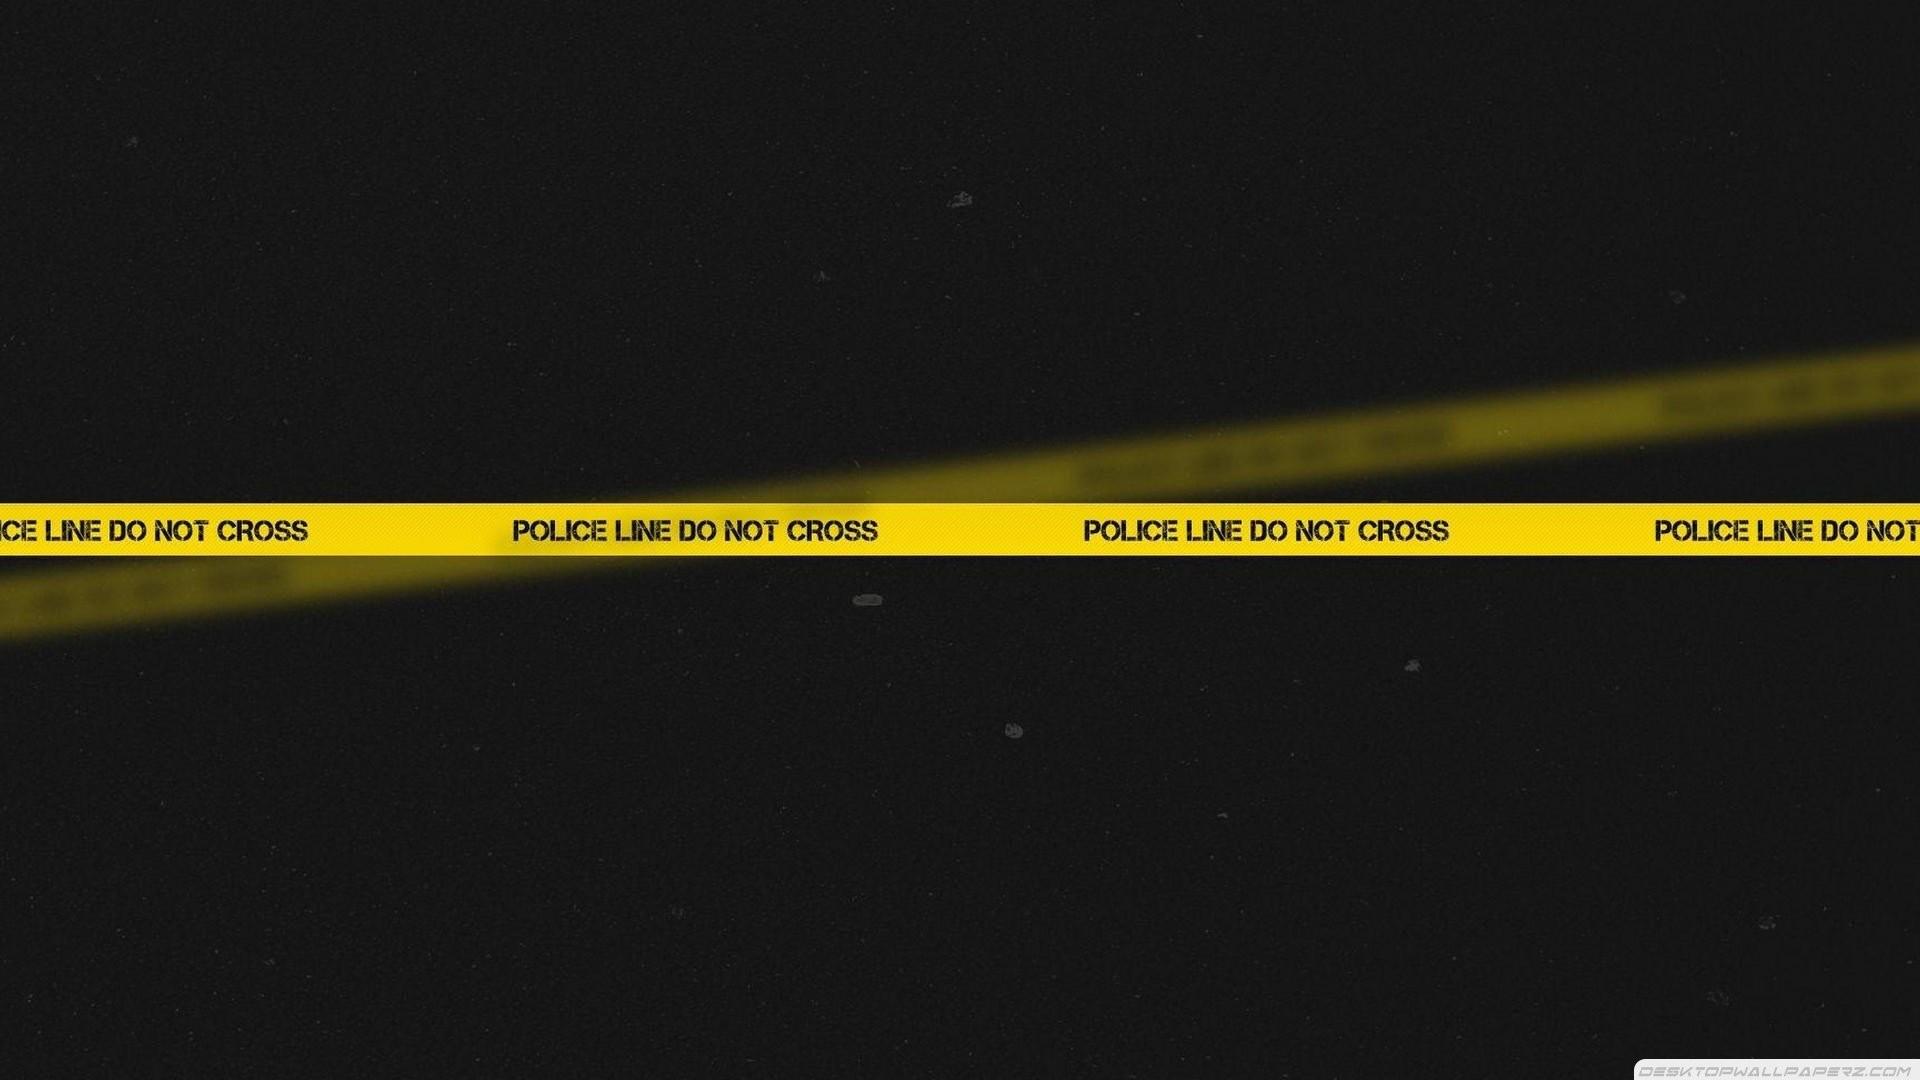 Police Line Do Not Cross Wallpaper 715793